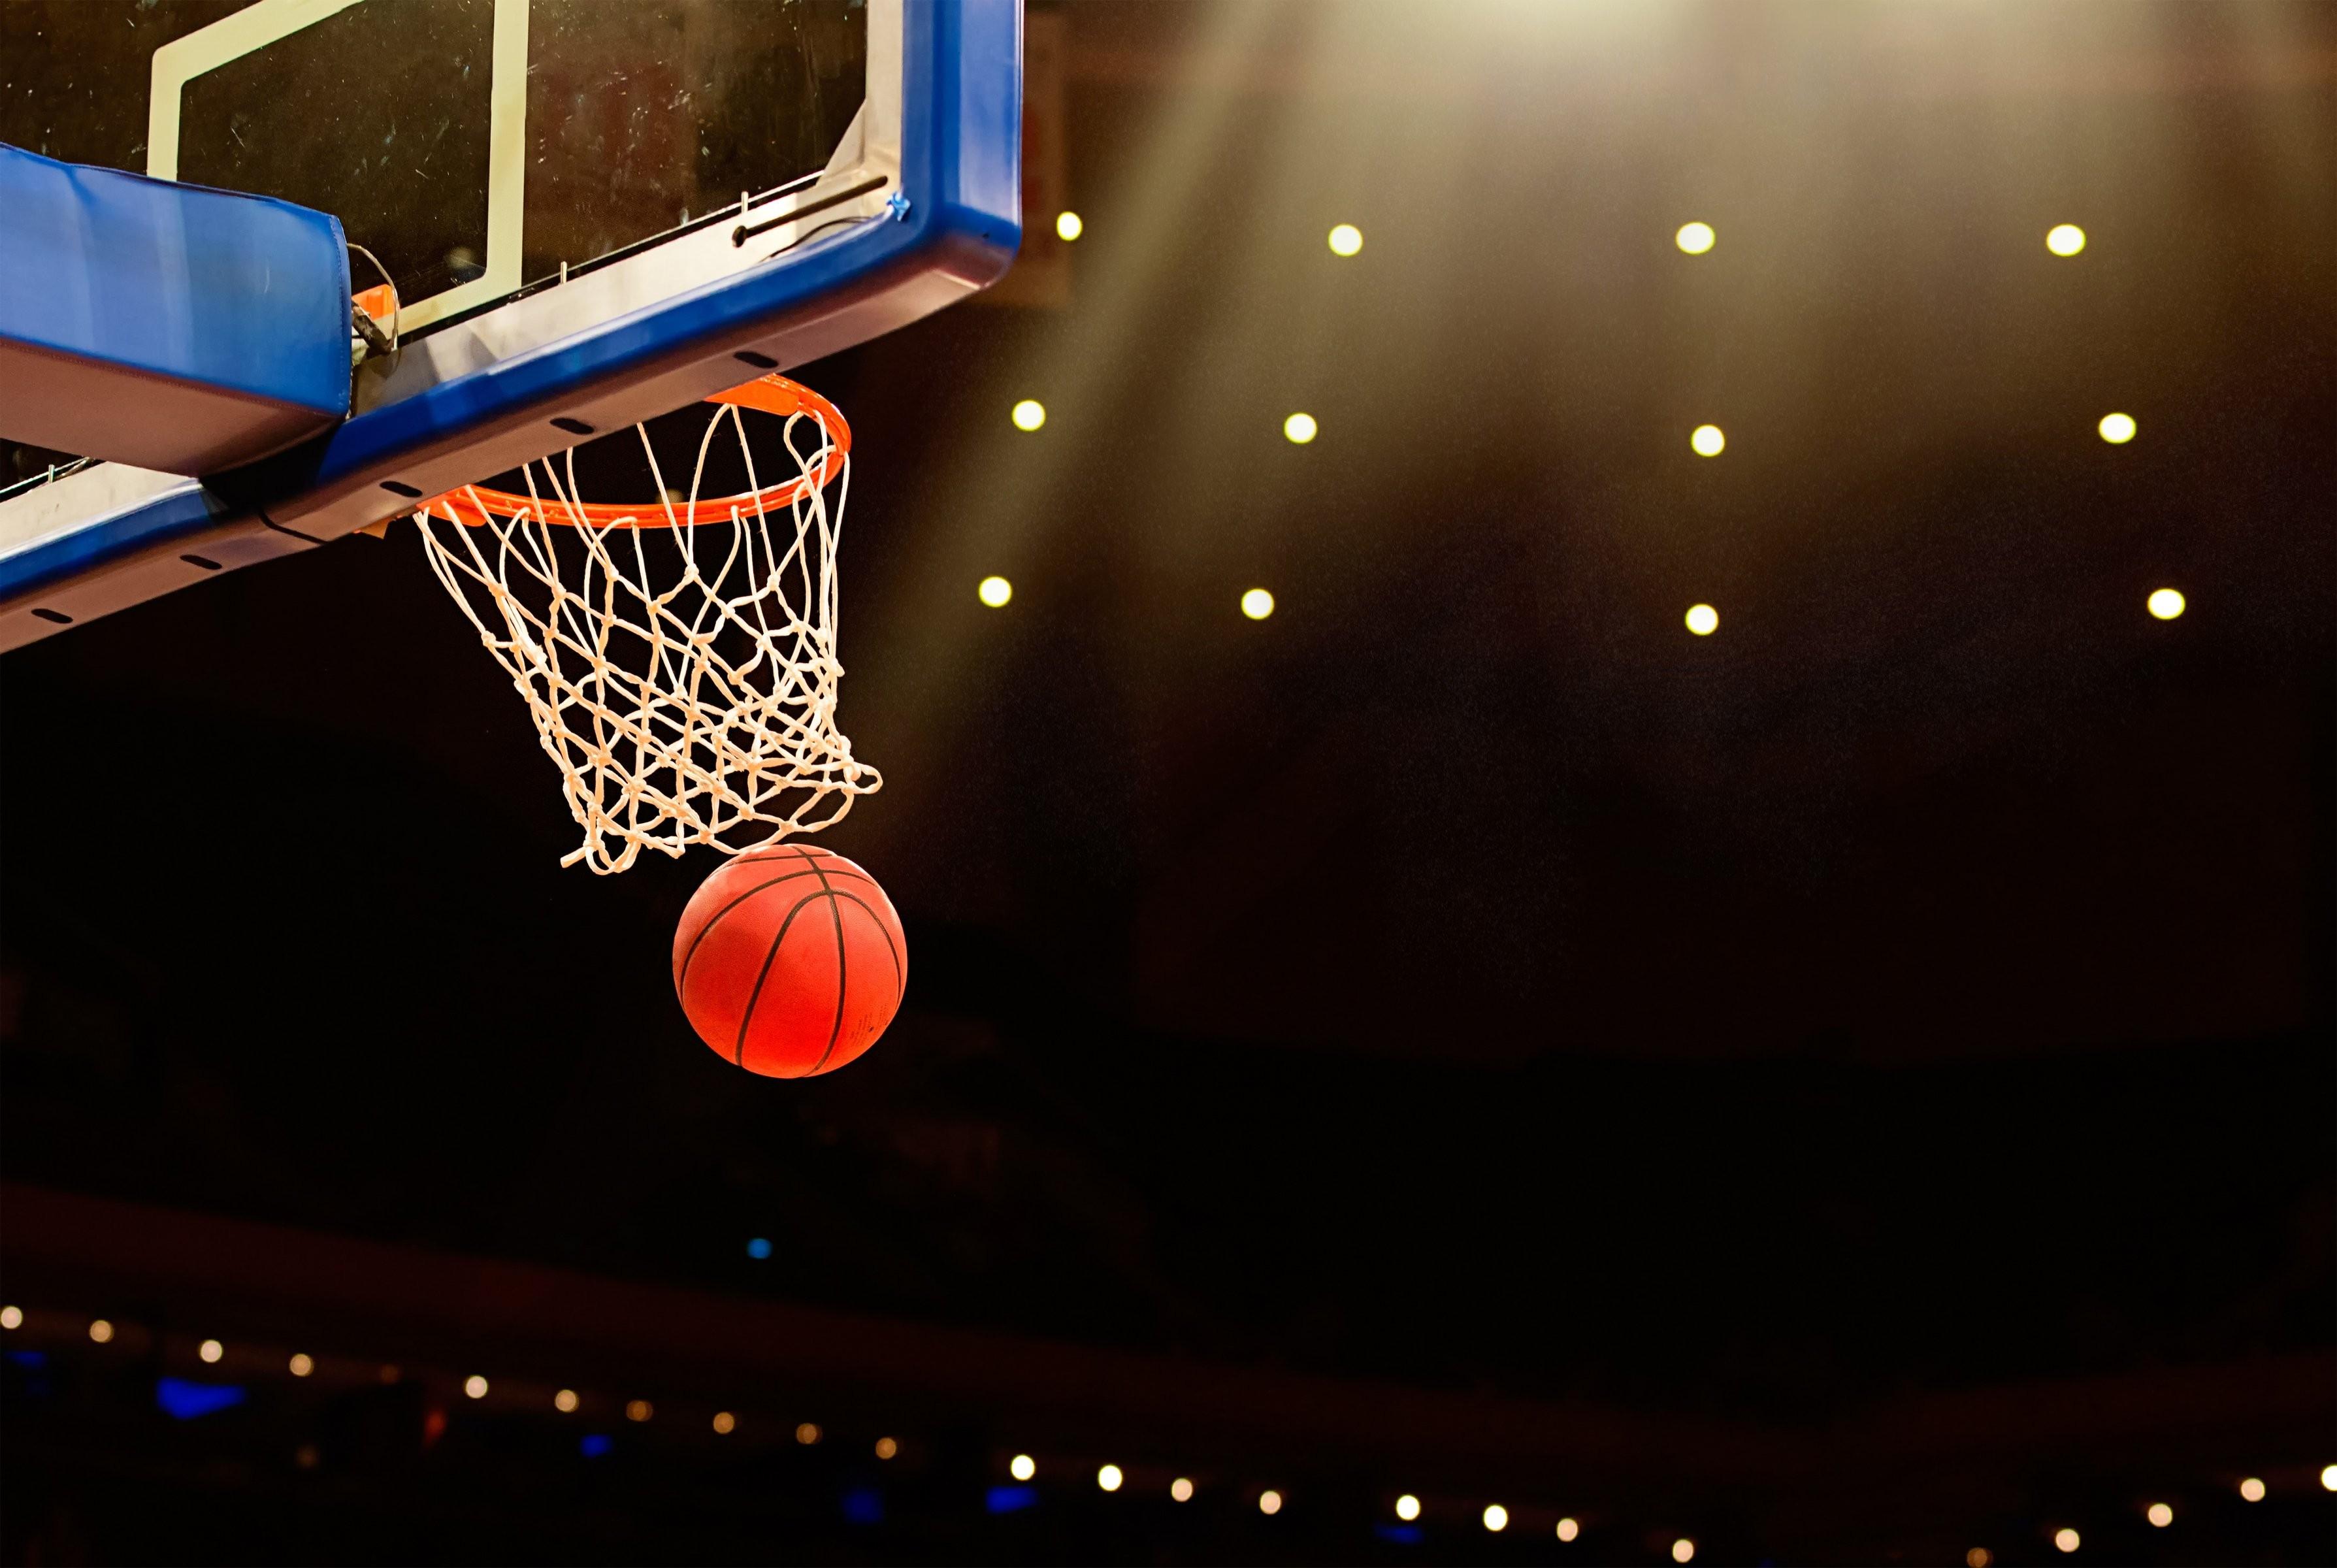 Basketball sayings cover photo